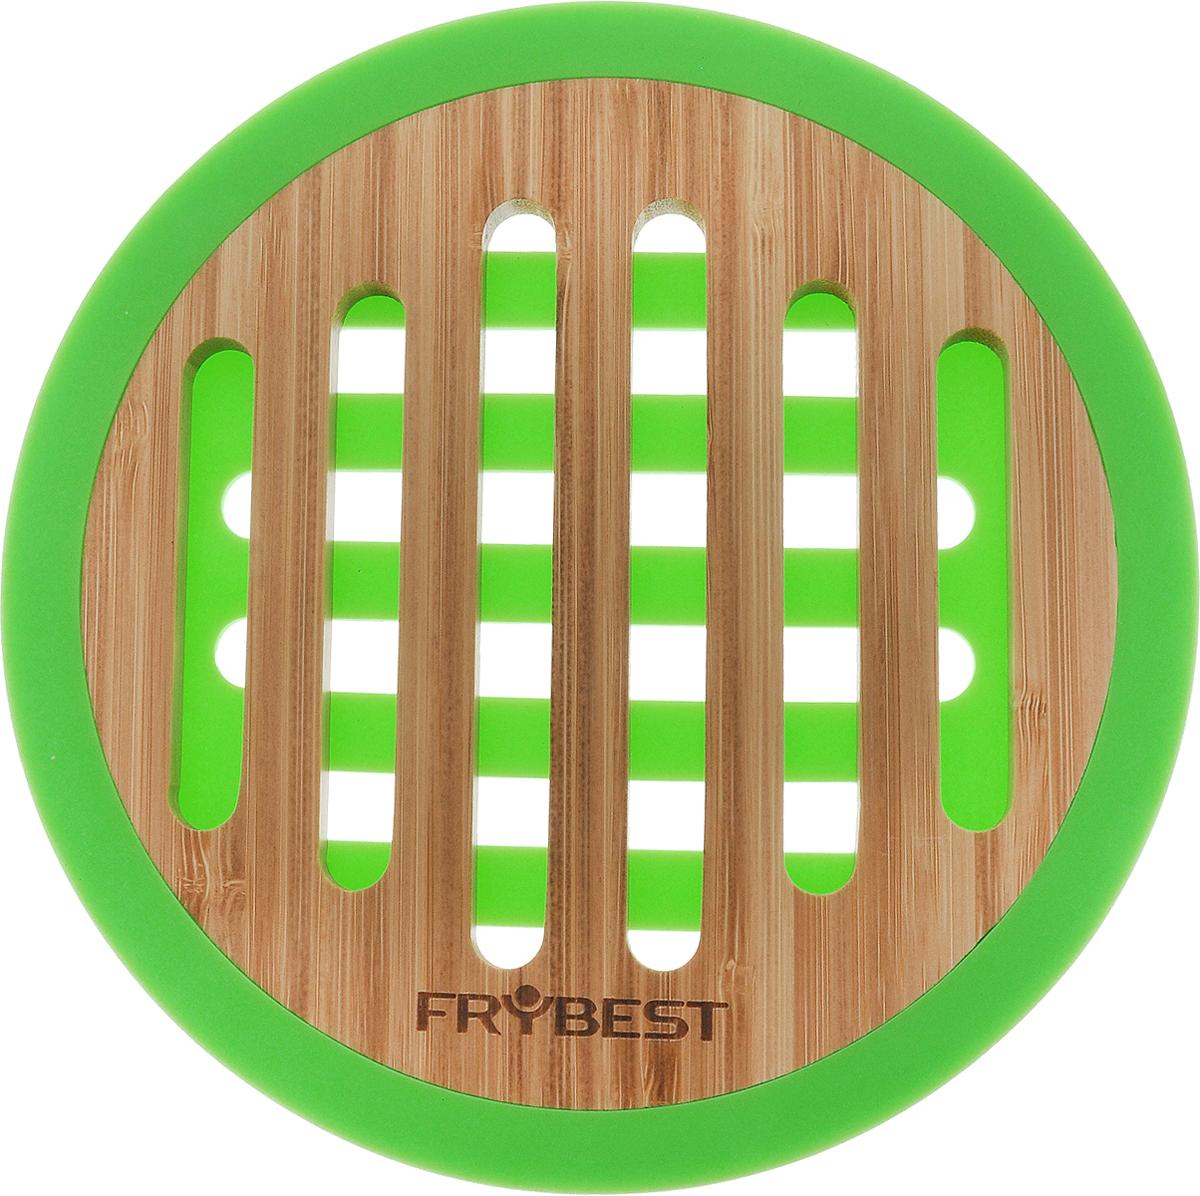 Подставка под горячее Frybest Murmure de Bambou, круглая, цвет: зеленый, диаметр 20 смTR40621B1N1Подставка под горячее Frybest Murmure de Bambou, изготовленная из натурального бамбука с силиконовыми вставками, идеально впишется в интерьер современной кухни. Каждая хозяйка знает, что подставка под горячее - это незаменимый и очень полезный аксессуар на каждой кухне. Ваш стол будет не только украшен оригинальной подставкой, но и сбережен от воздействия высоких температур ваших кулинарных шедевров. Размер подставки: 20 х 20 х 1 см.